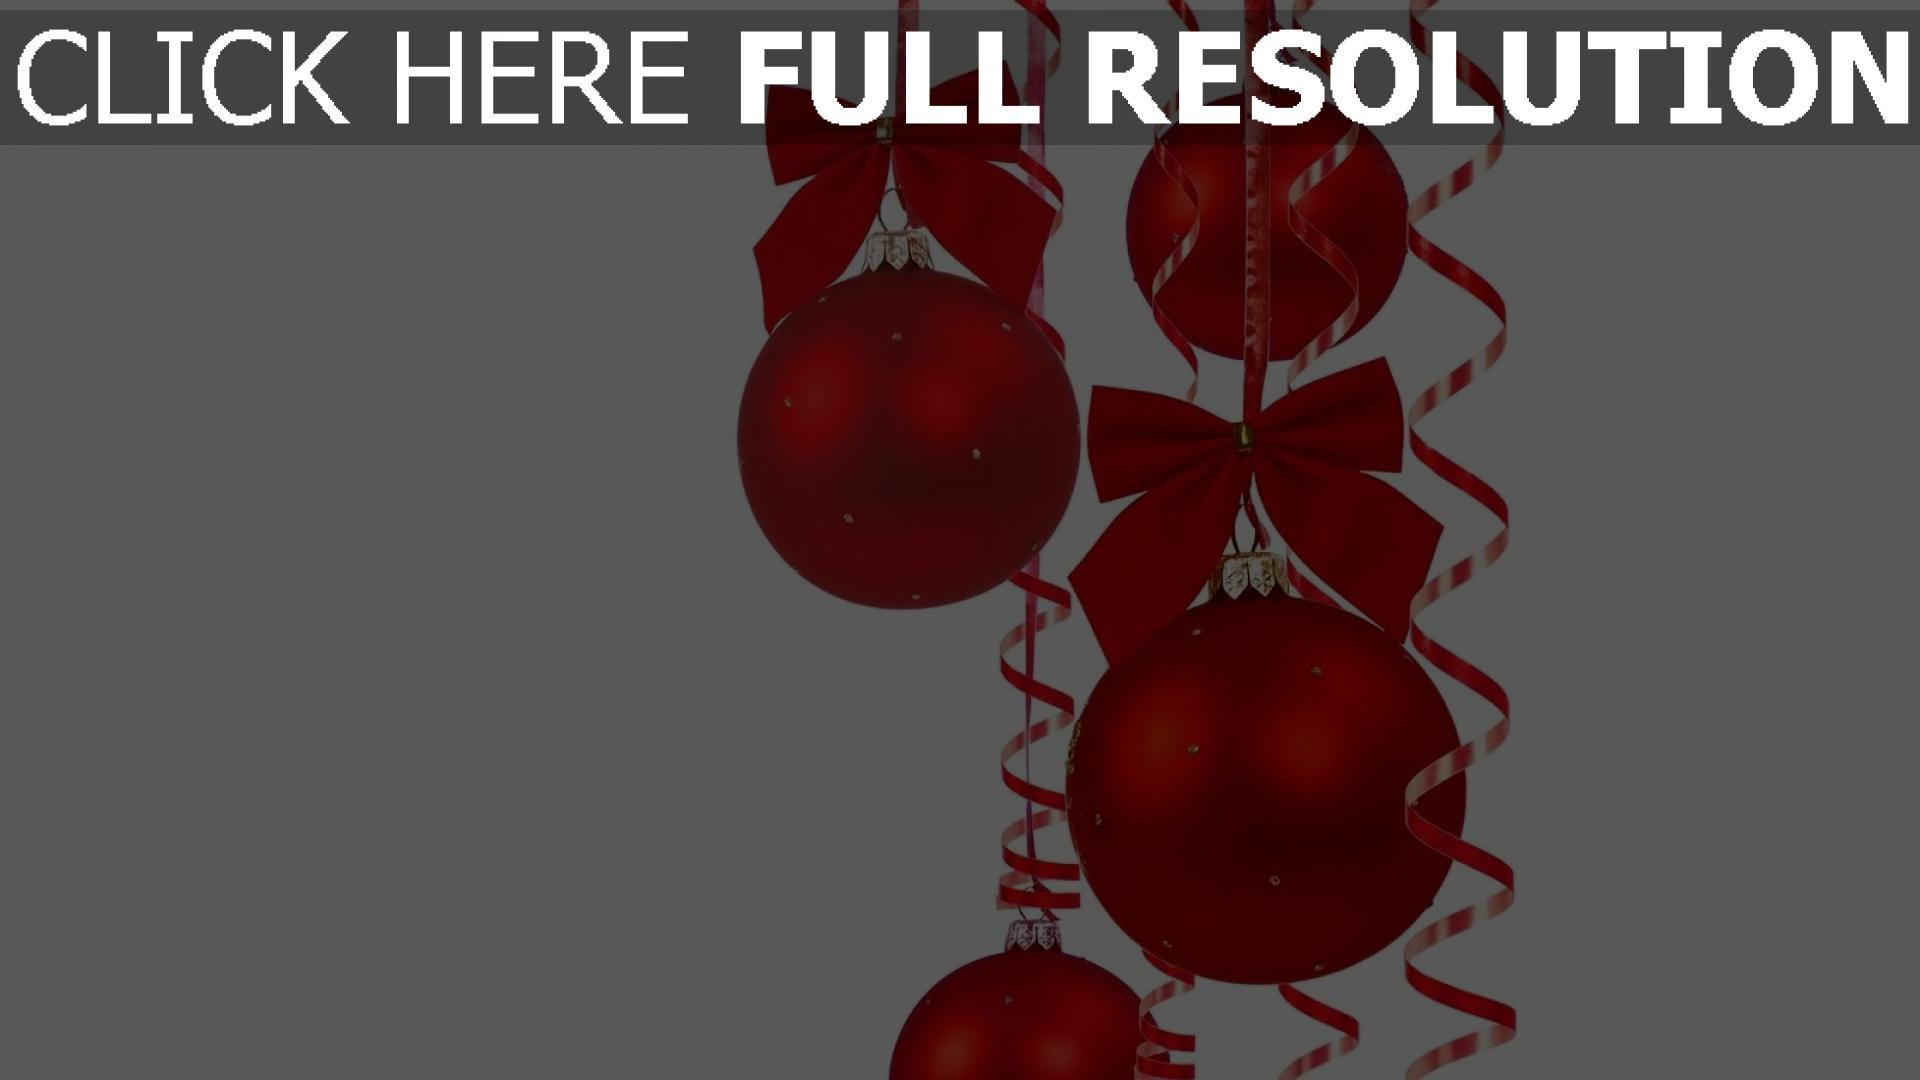 hd hintergrundbilder bögen schön luftballons hintergründe weihnachtsdekorationen tapeten farbbänder feier neujahr weihnachten 1920x1080